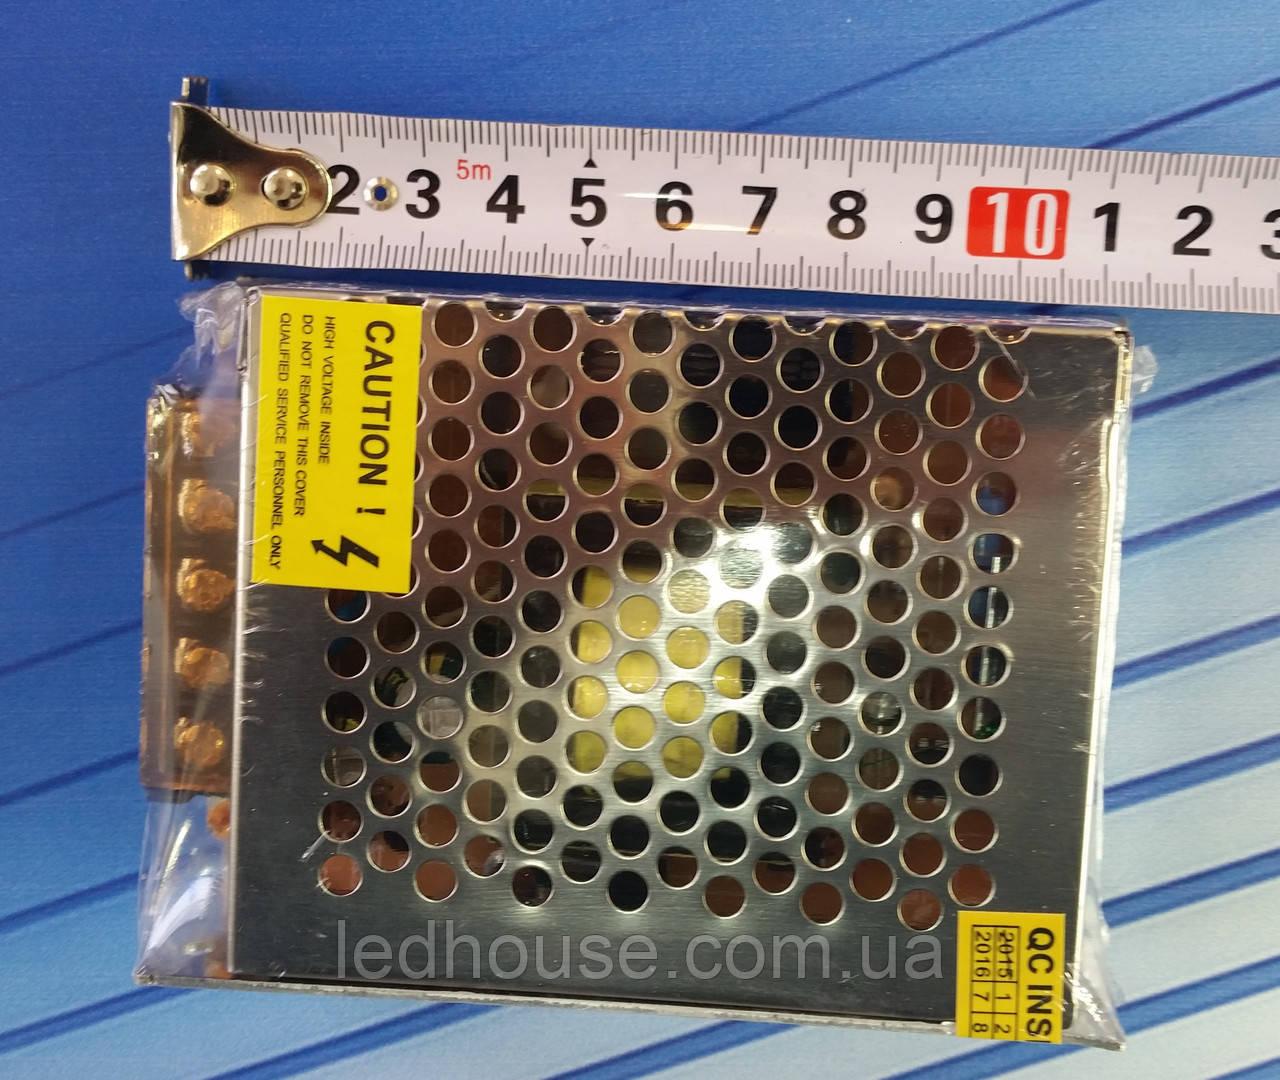 Блок питания 80 Вт,(6,66А)12В. Mini